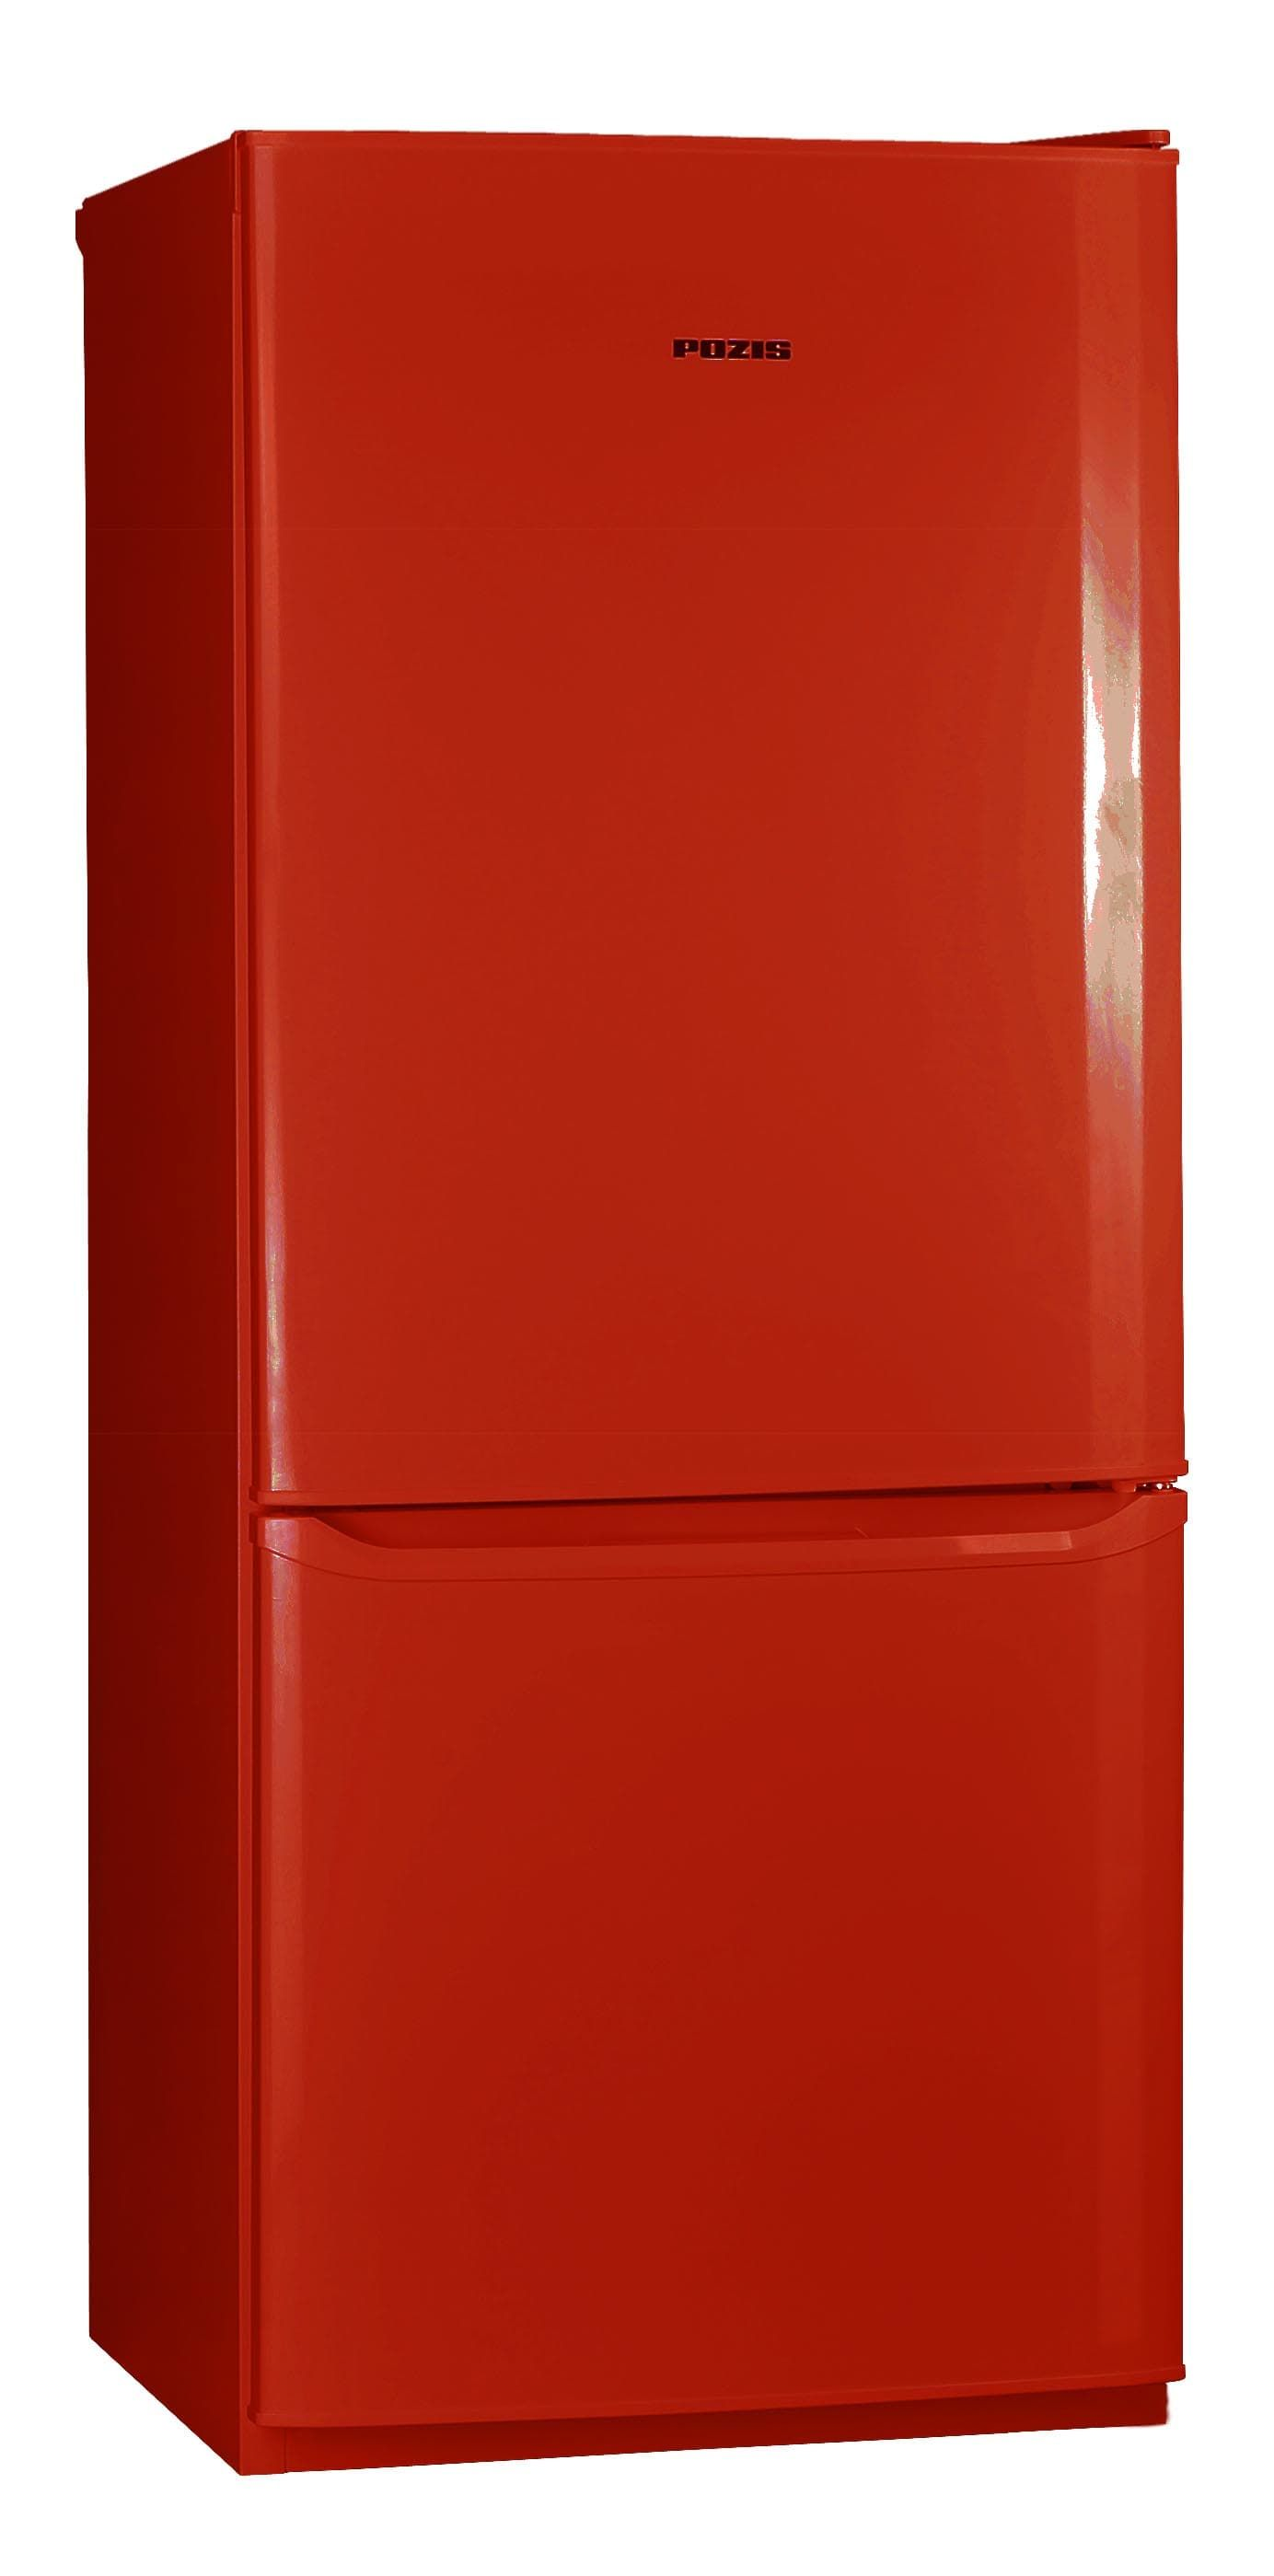 Шкаф холодильный RK-101 рубиновый